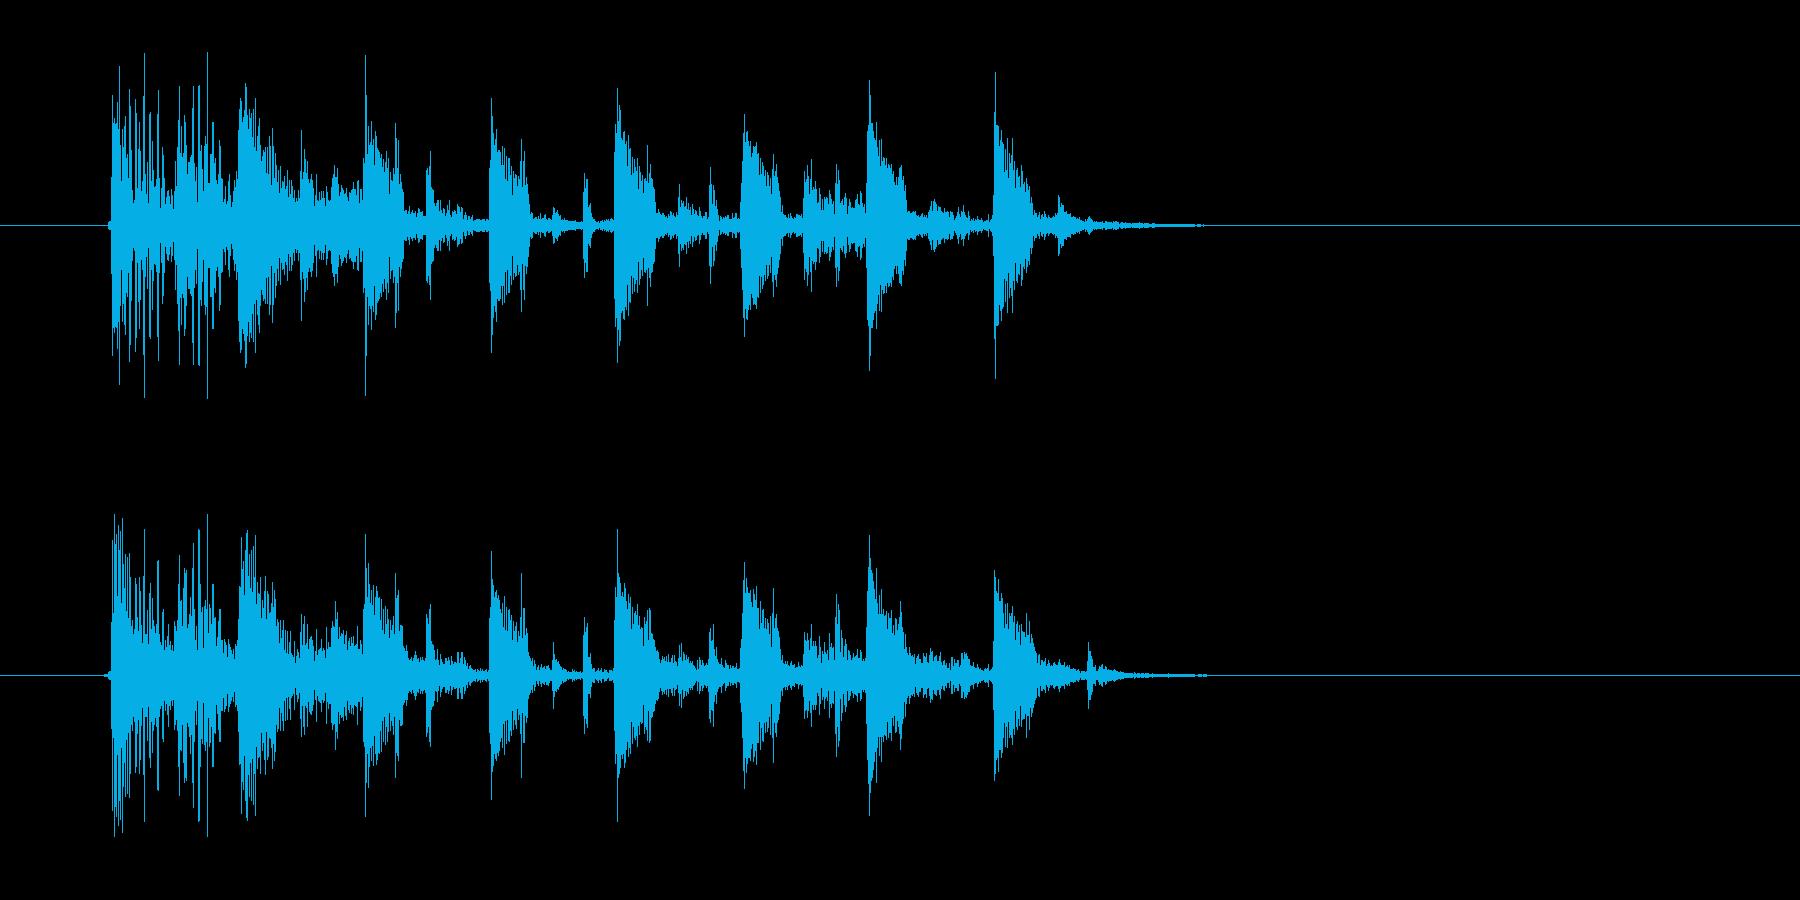 力強いドラムが響くジングルの再生済みの波形